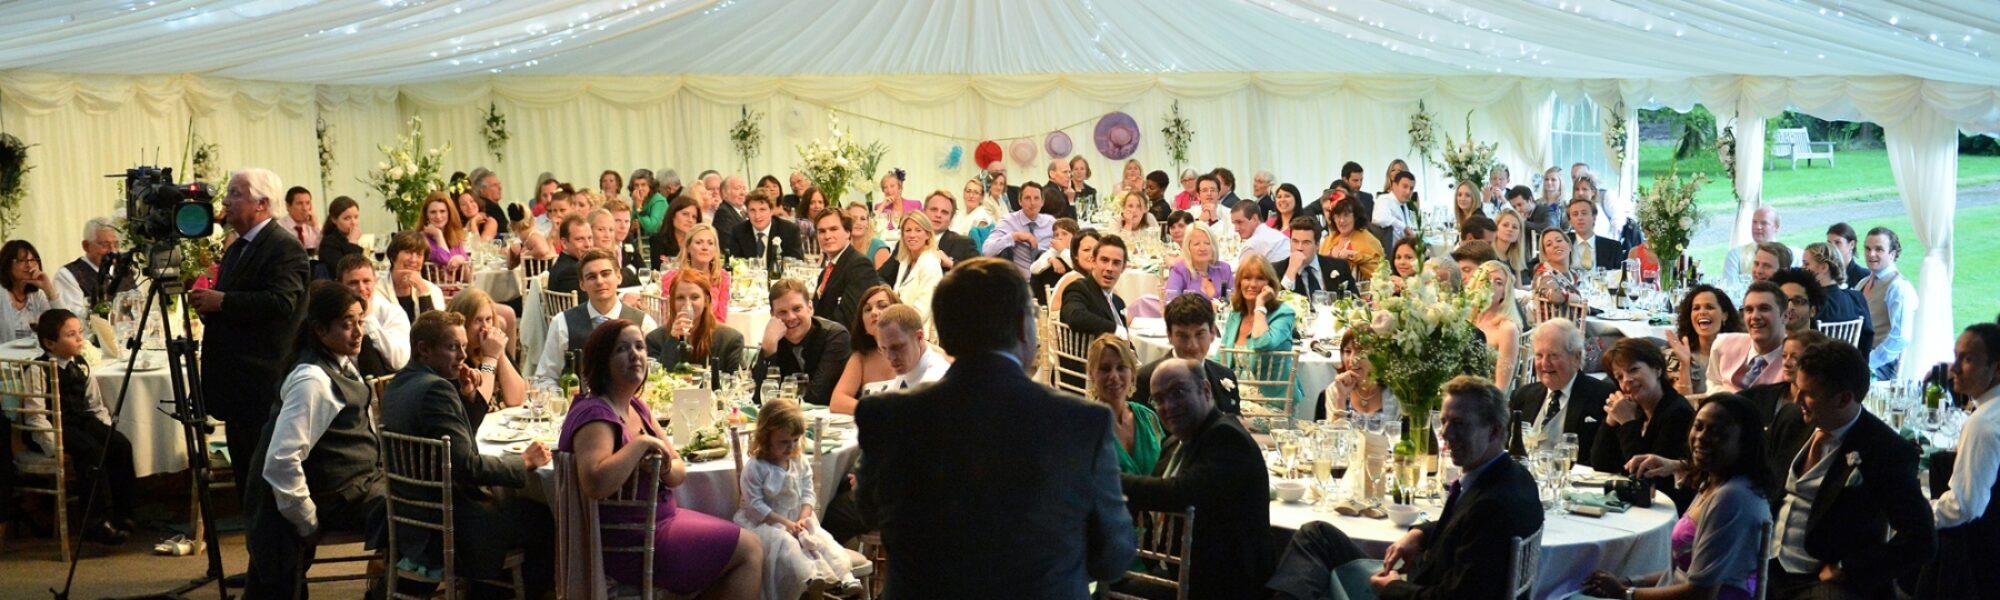 banner-wedding